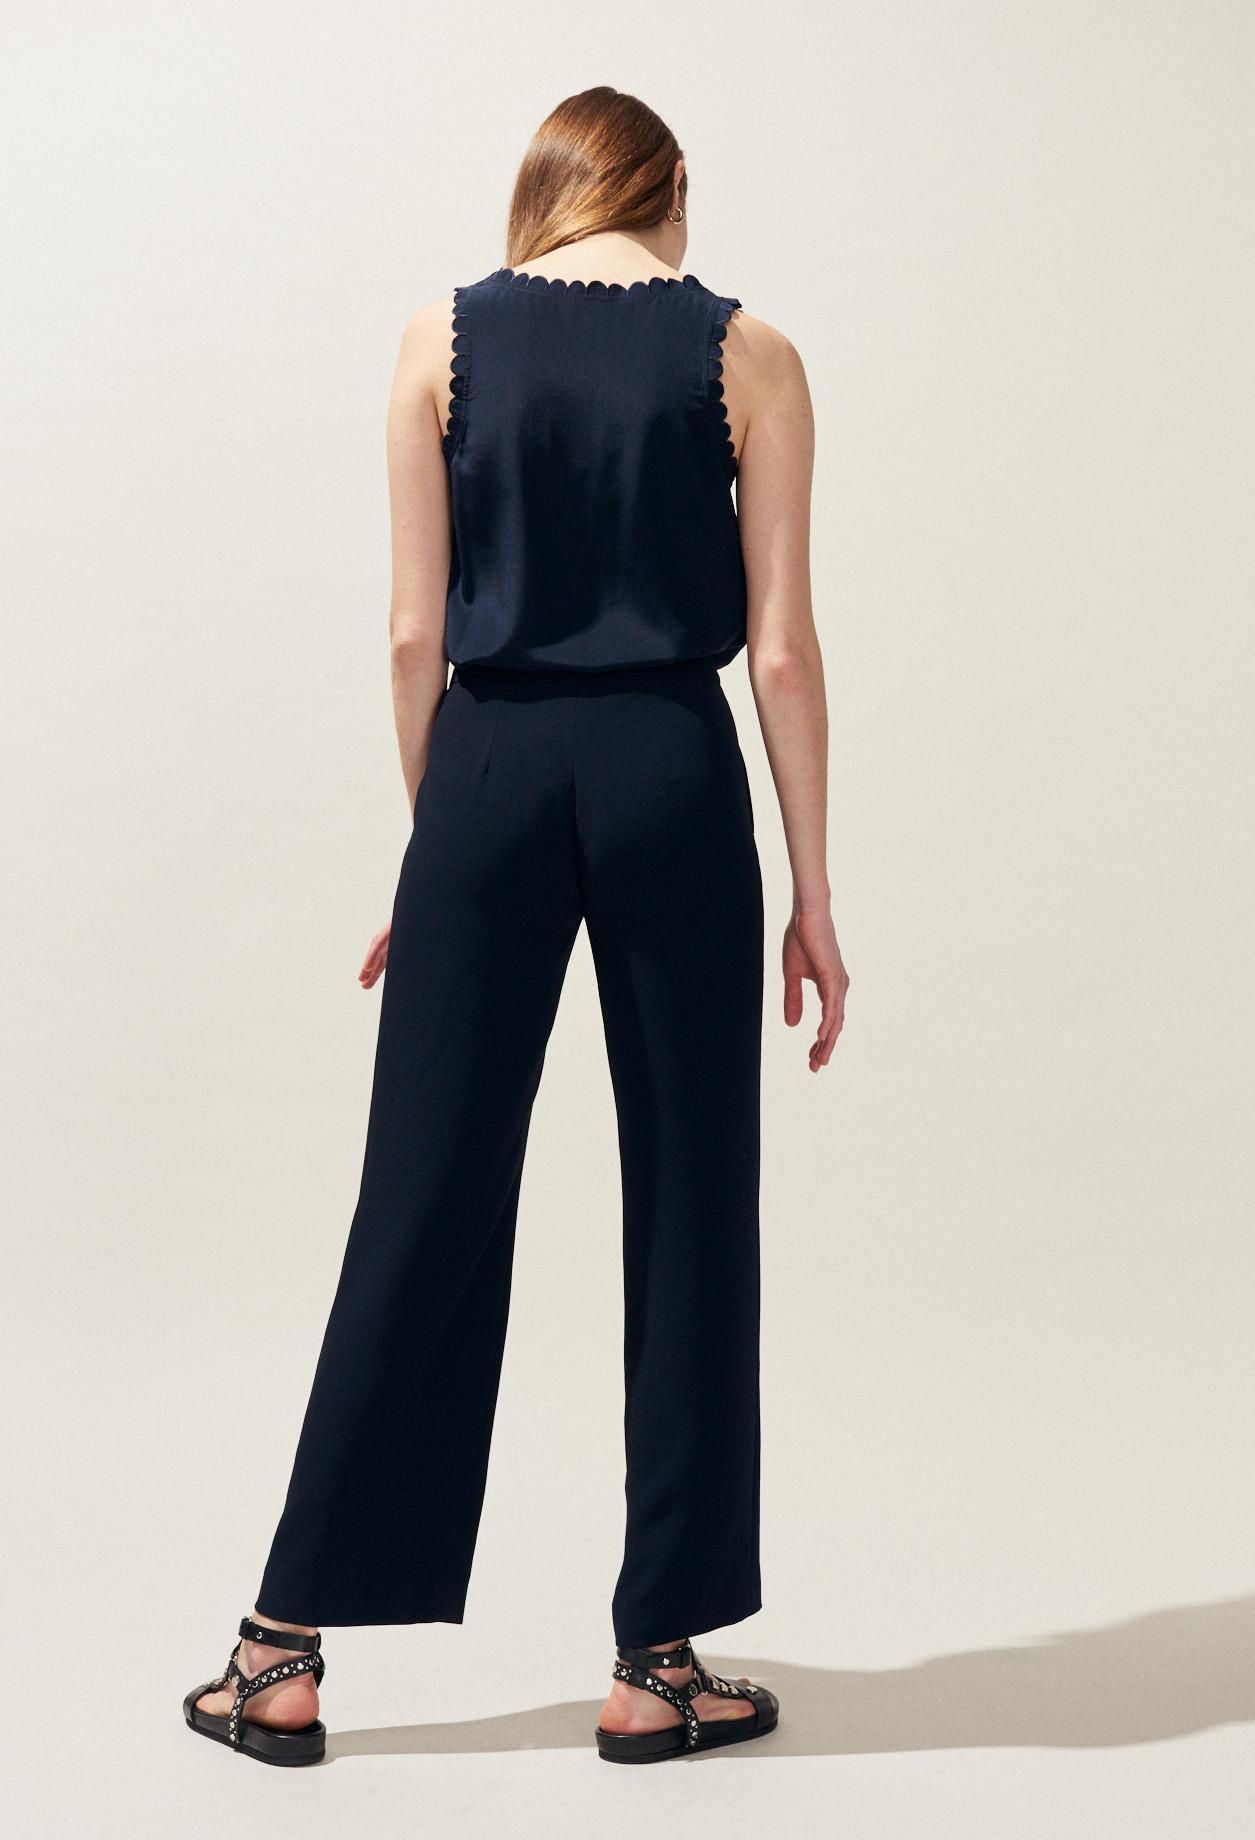 9455dcac5525a ... POURPRE : Pantalons et Jeans couleur Marine ...